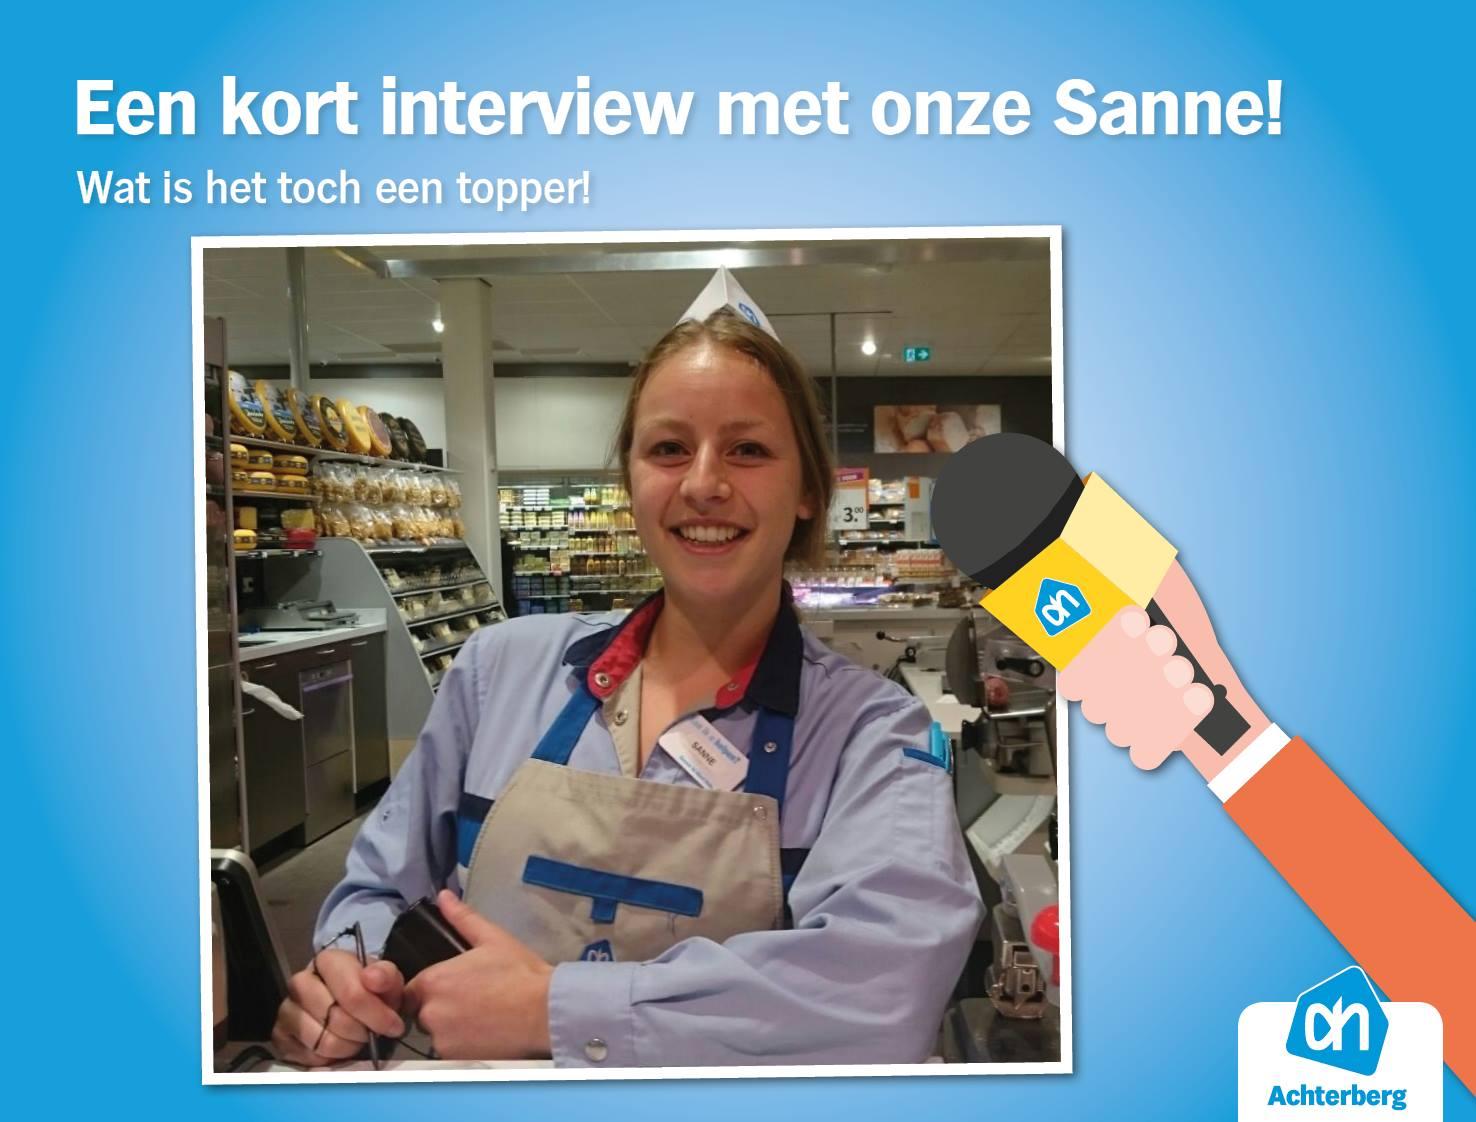 Een kort interview met Sanne, één van onze medewerkers